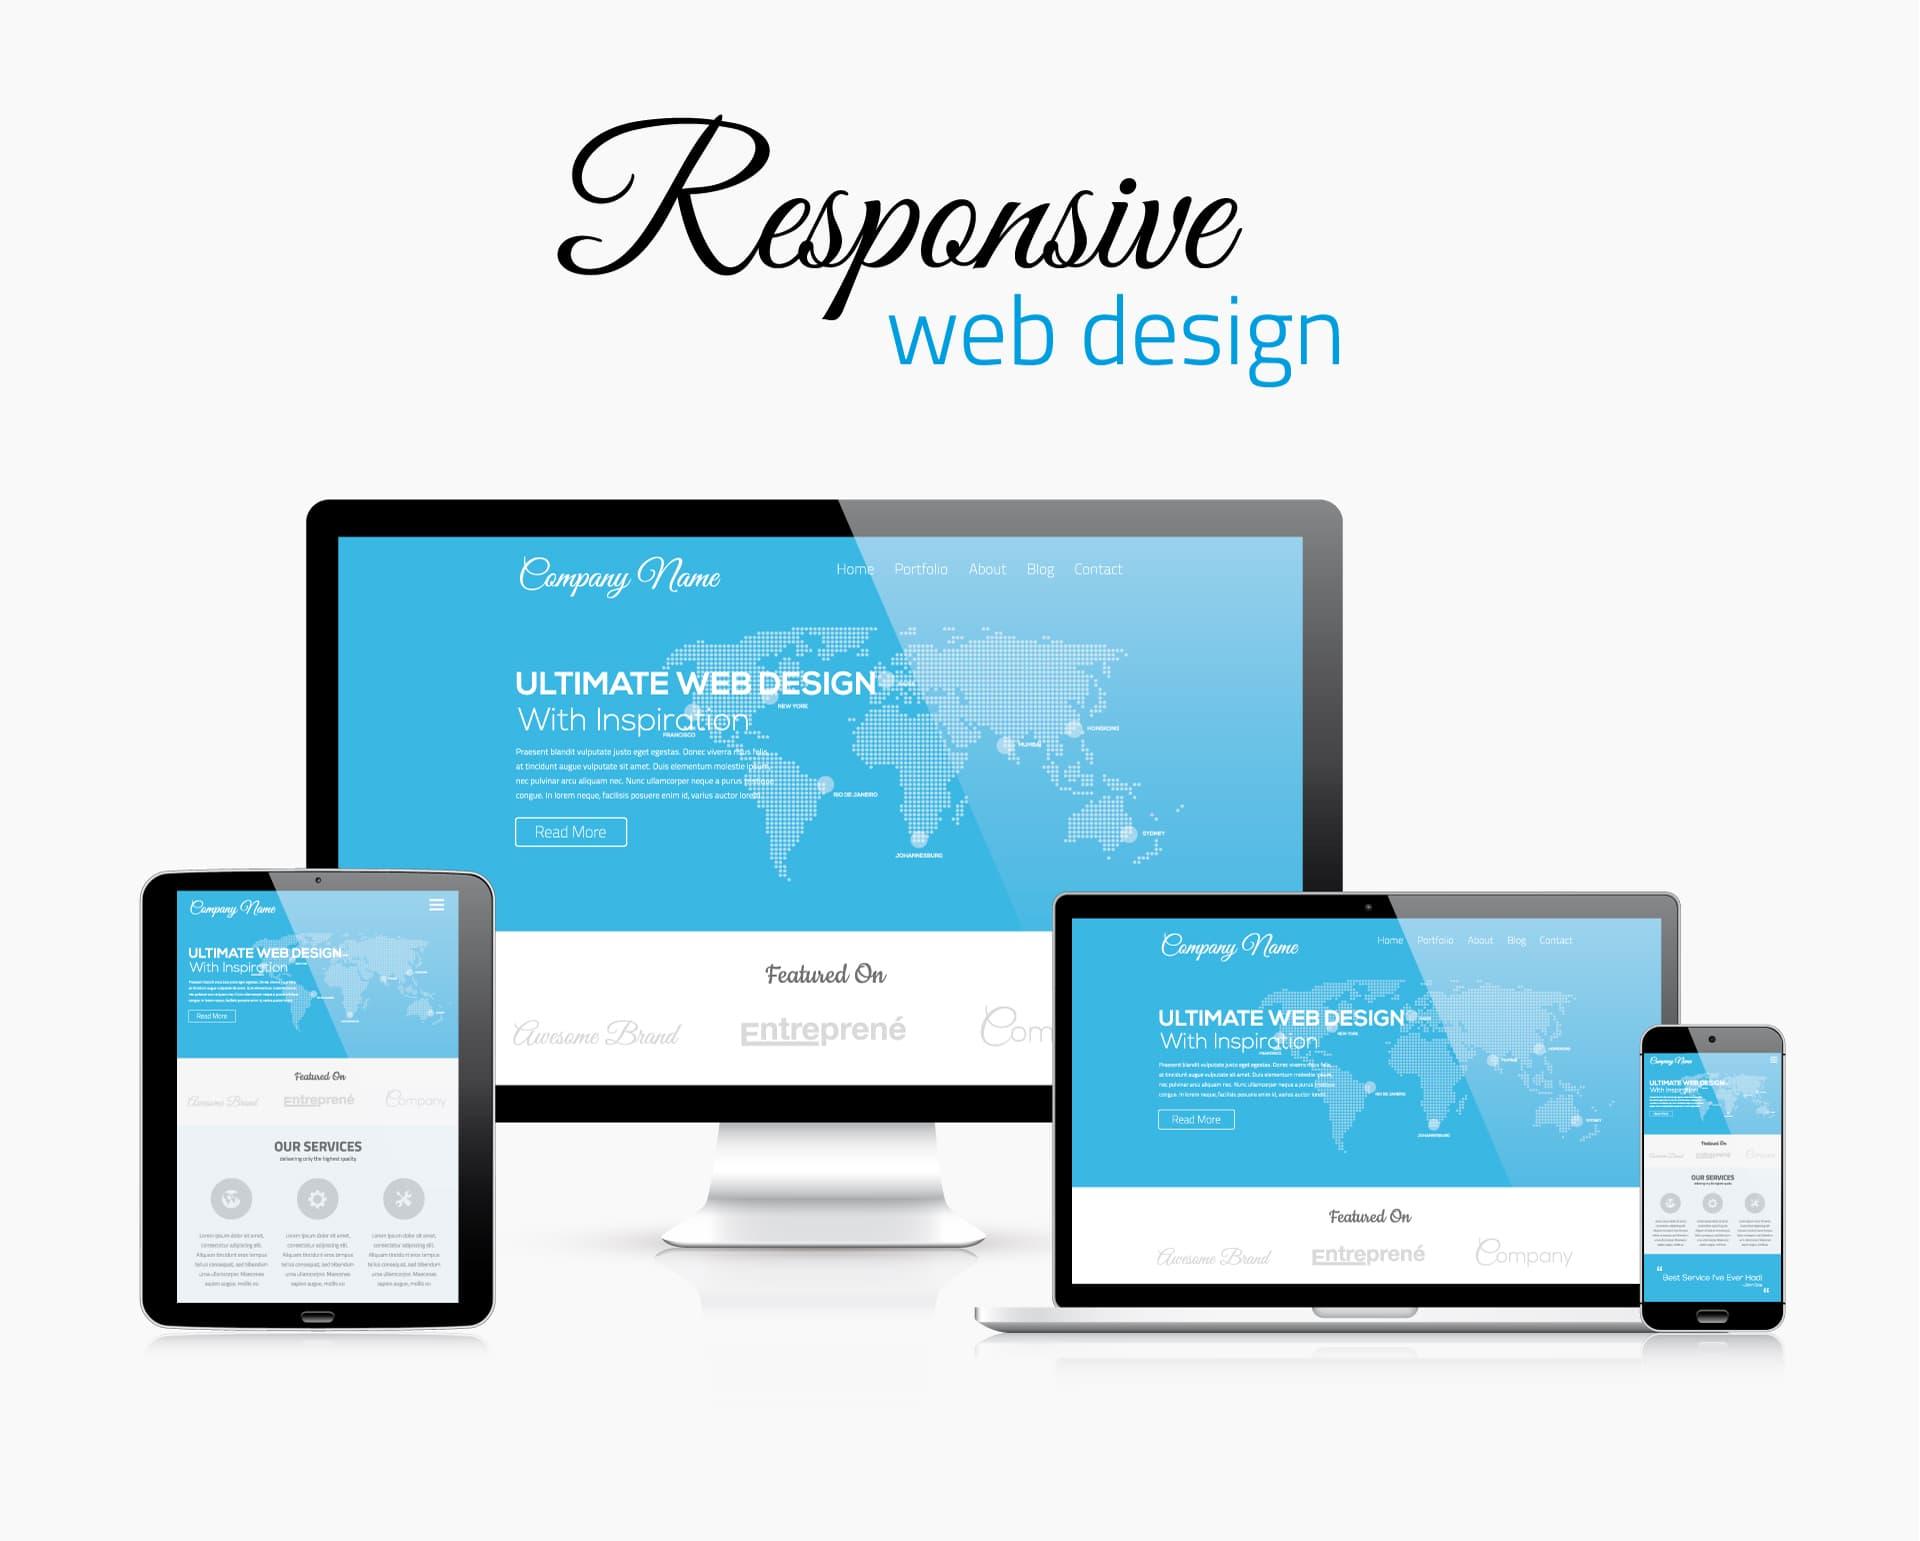 bild zeigt responsive web design